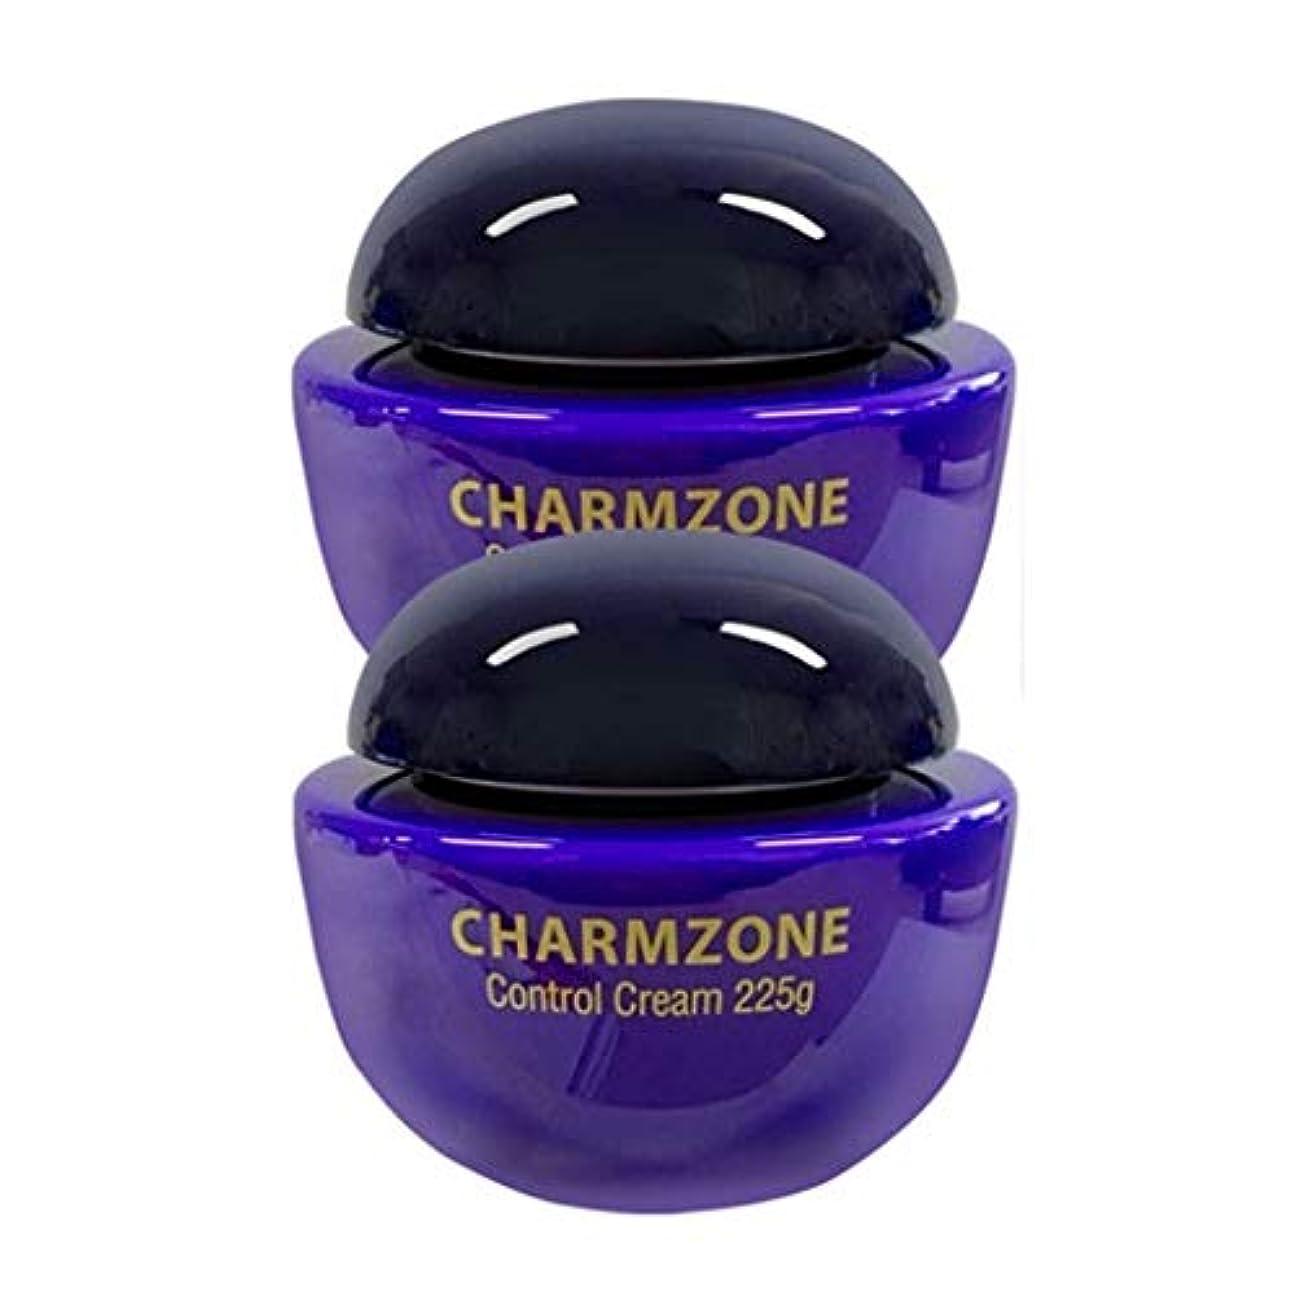 海里コンパニオン法廷チャムジョンコントロールクリームマッサージクリーム225g x 2本セット、Charmzone Control Cream 225g x 2ea Set [並行輸入品]